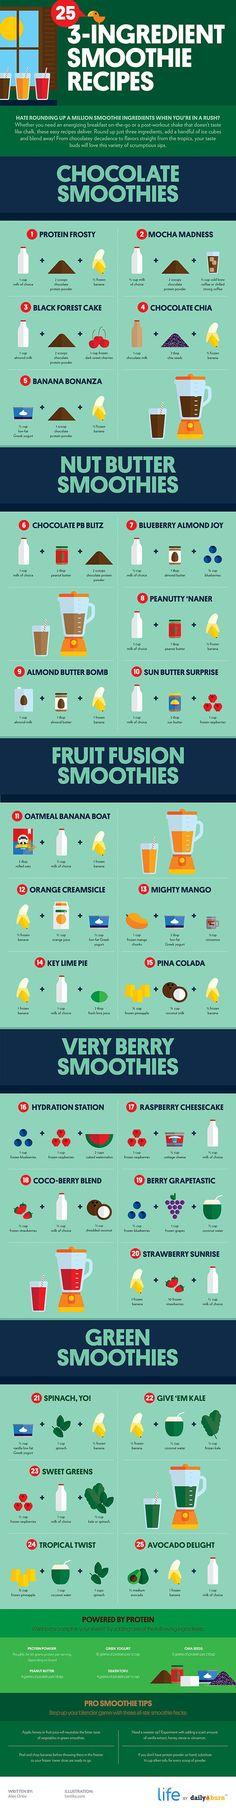 3 ingredient smoothi